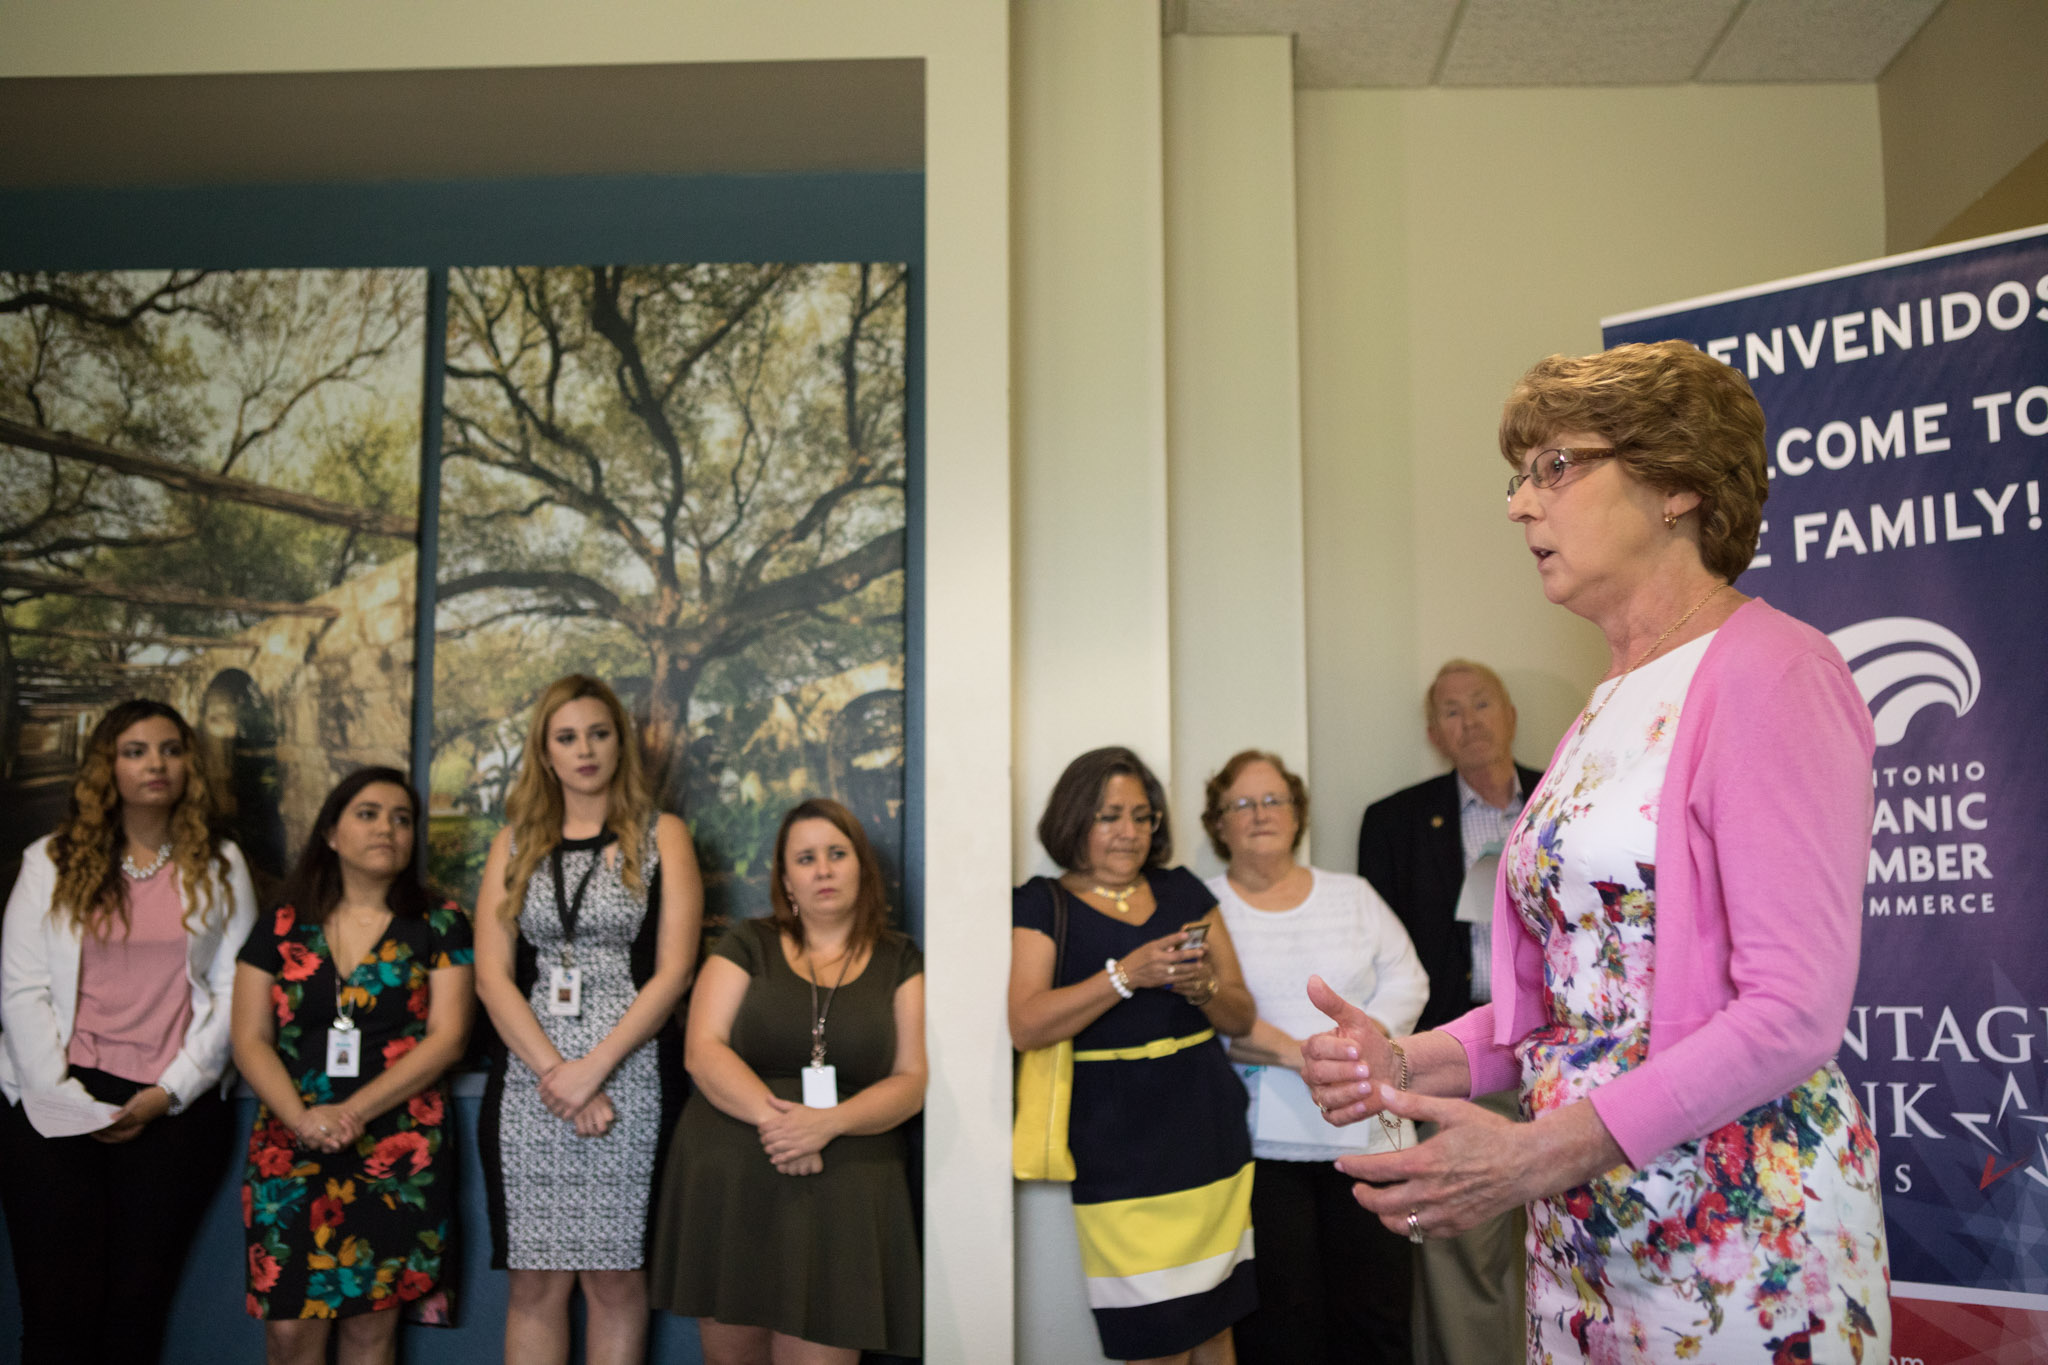 Rape Crisis Center Room Sponsor Karen Reaves speaks at the opening of the new location of the Rape Crisis Center.